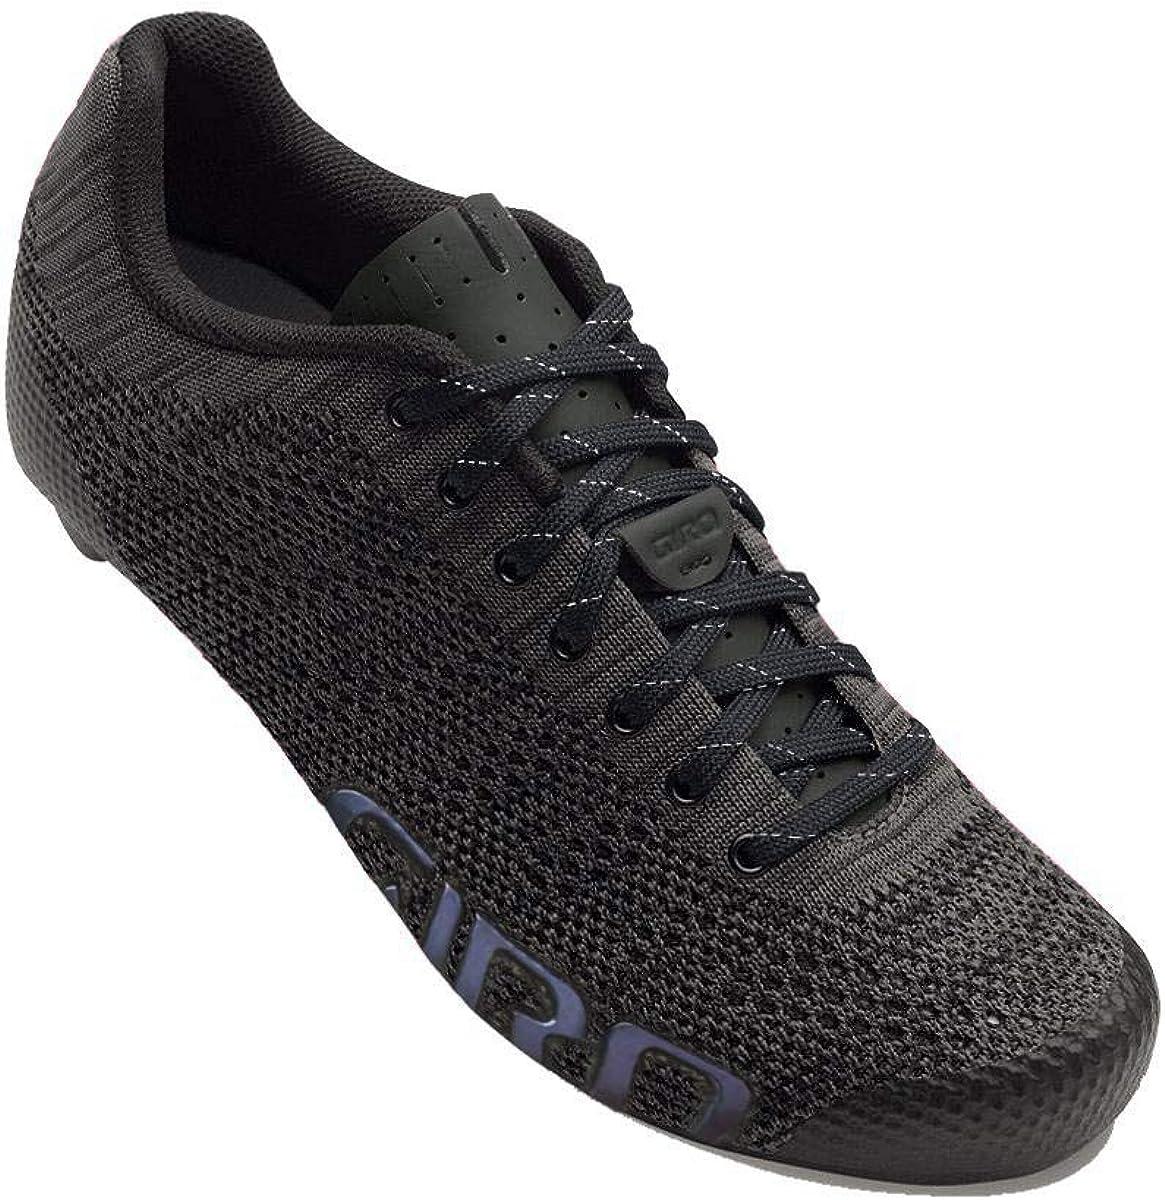 Giro Empire W E70 Knit Womens Road Cycling Shoe − 42, Black Heather (2020)